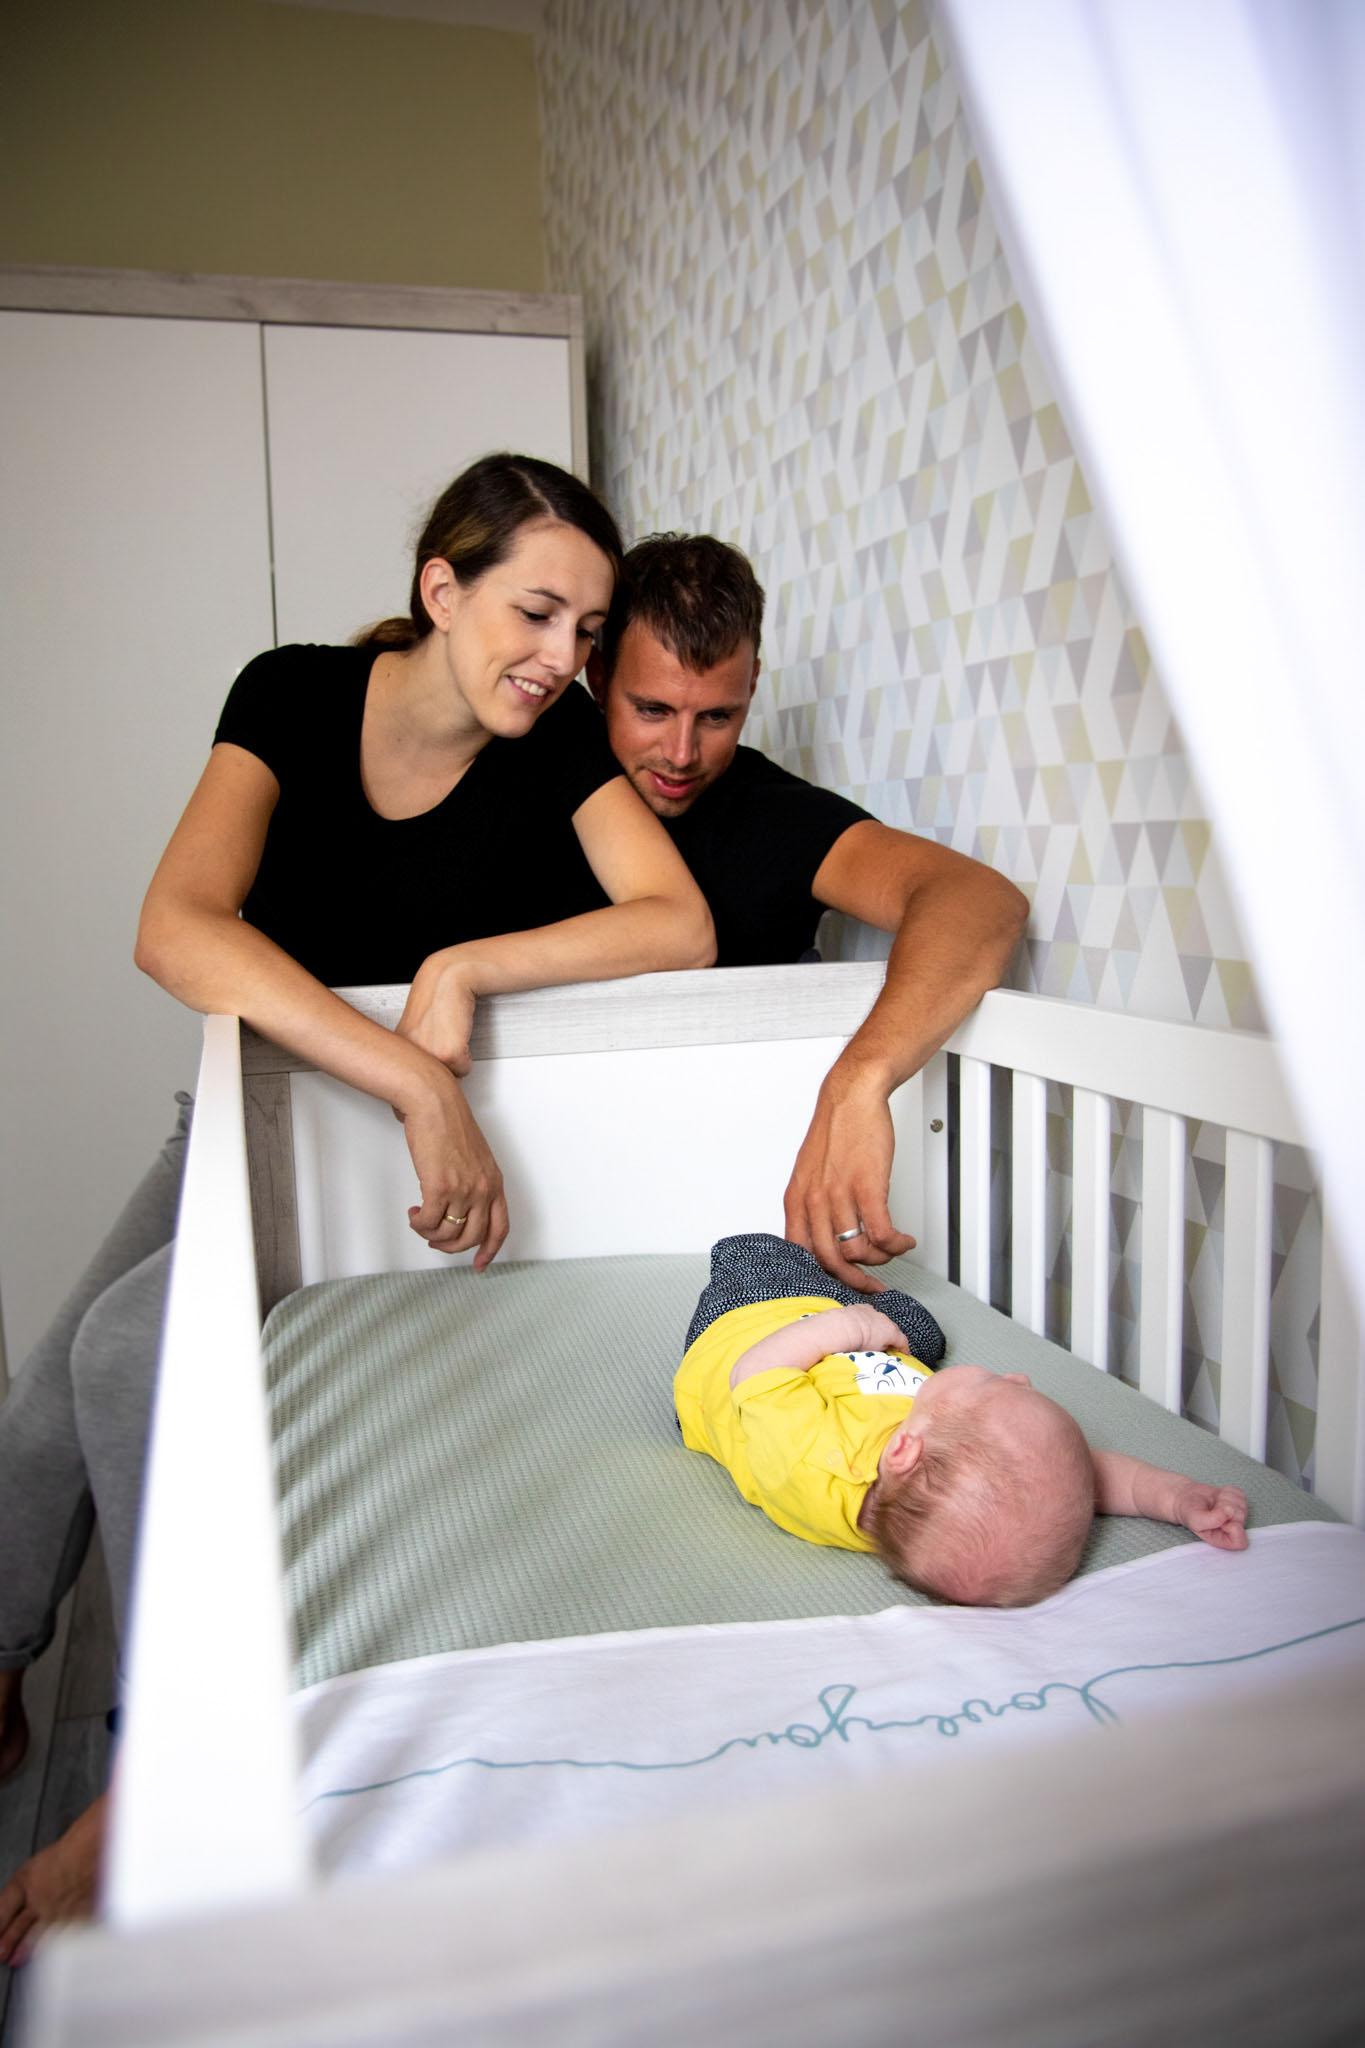 newbornshoot, lifestyle, newbornfotografie